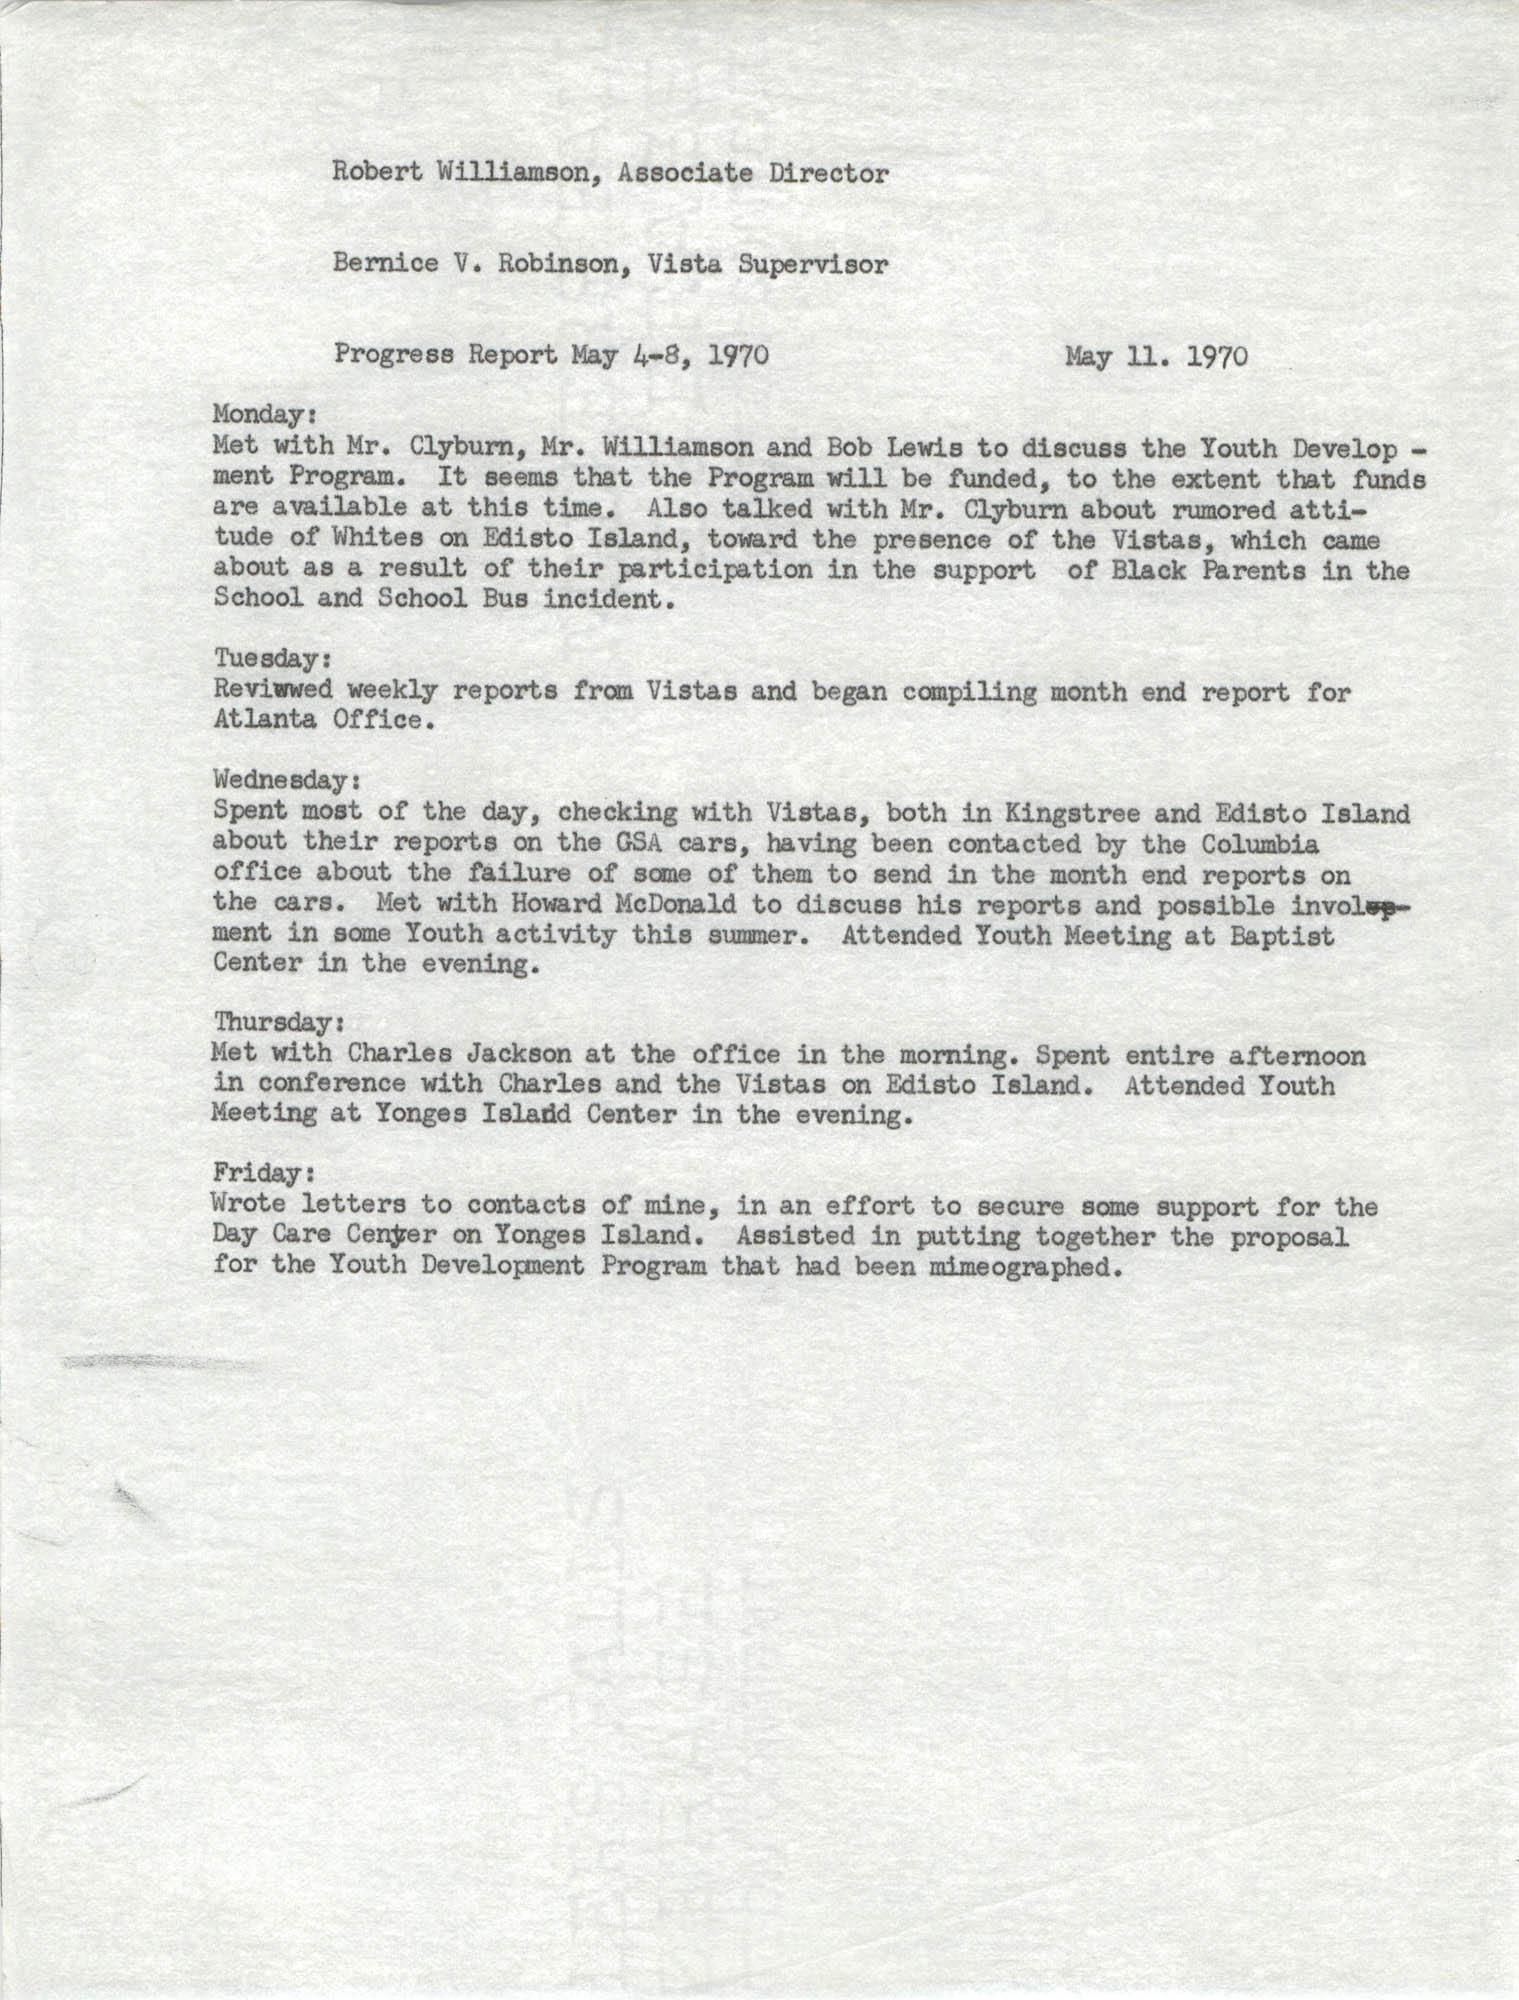 VISTA Progress Report, May 4-8, 1970